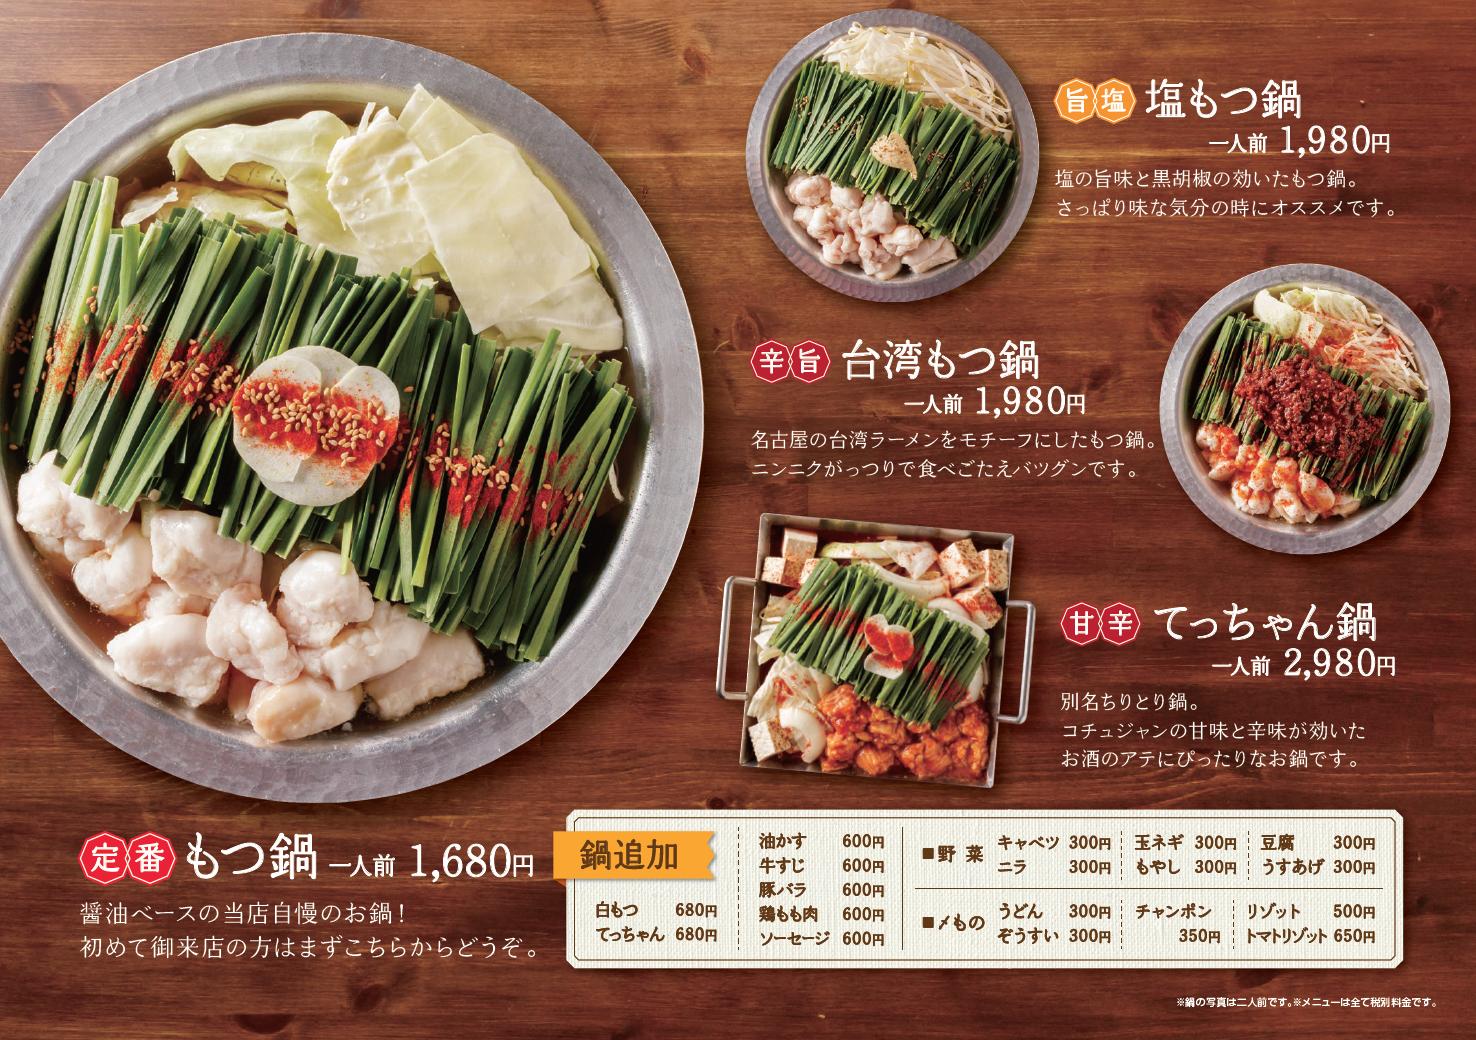 大阪で飲食店のメニュー・販促物の制作は「おいしいデザイン.com」 もつ鍋のむら上本町店メニュー 表